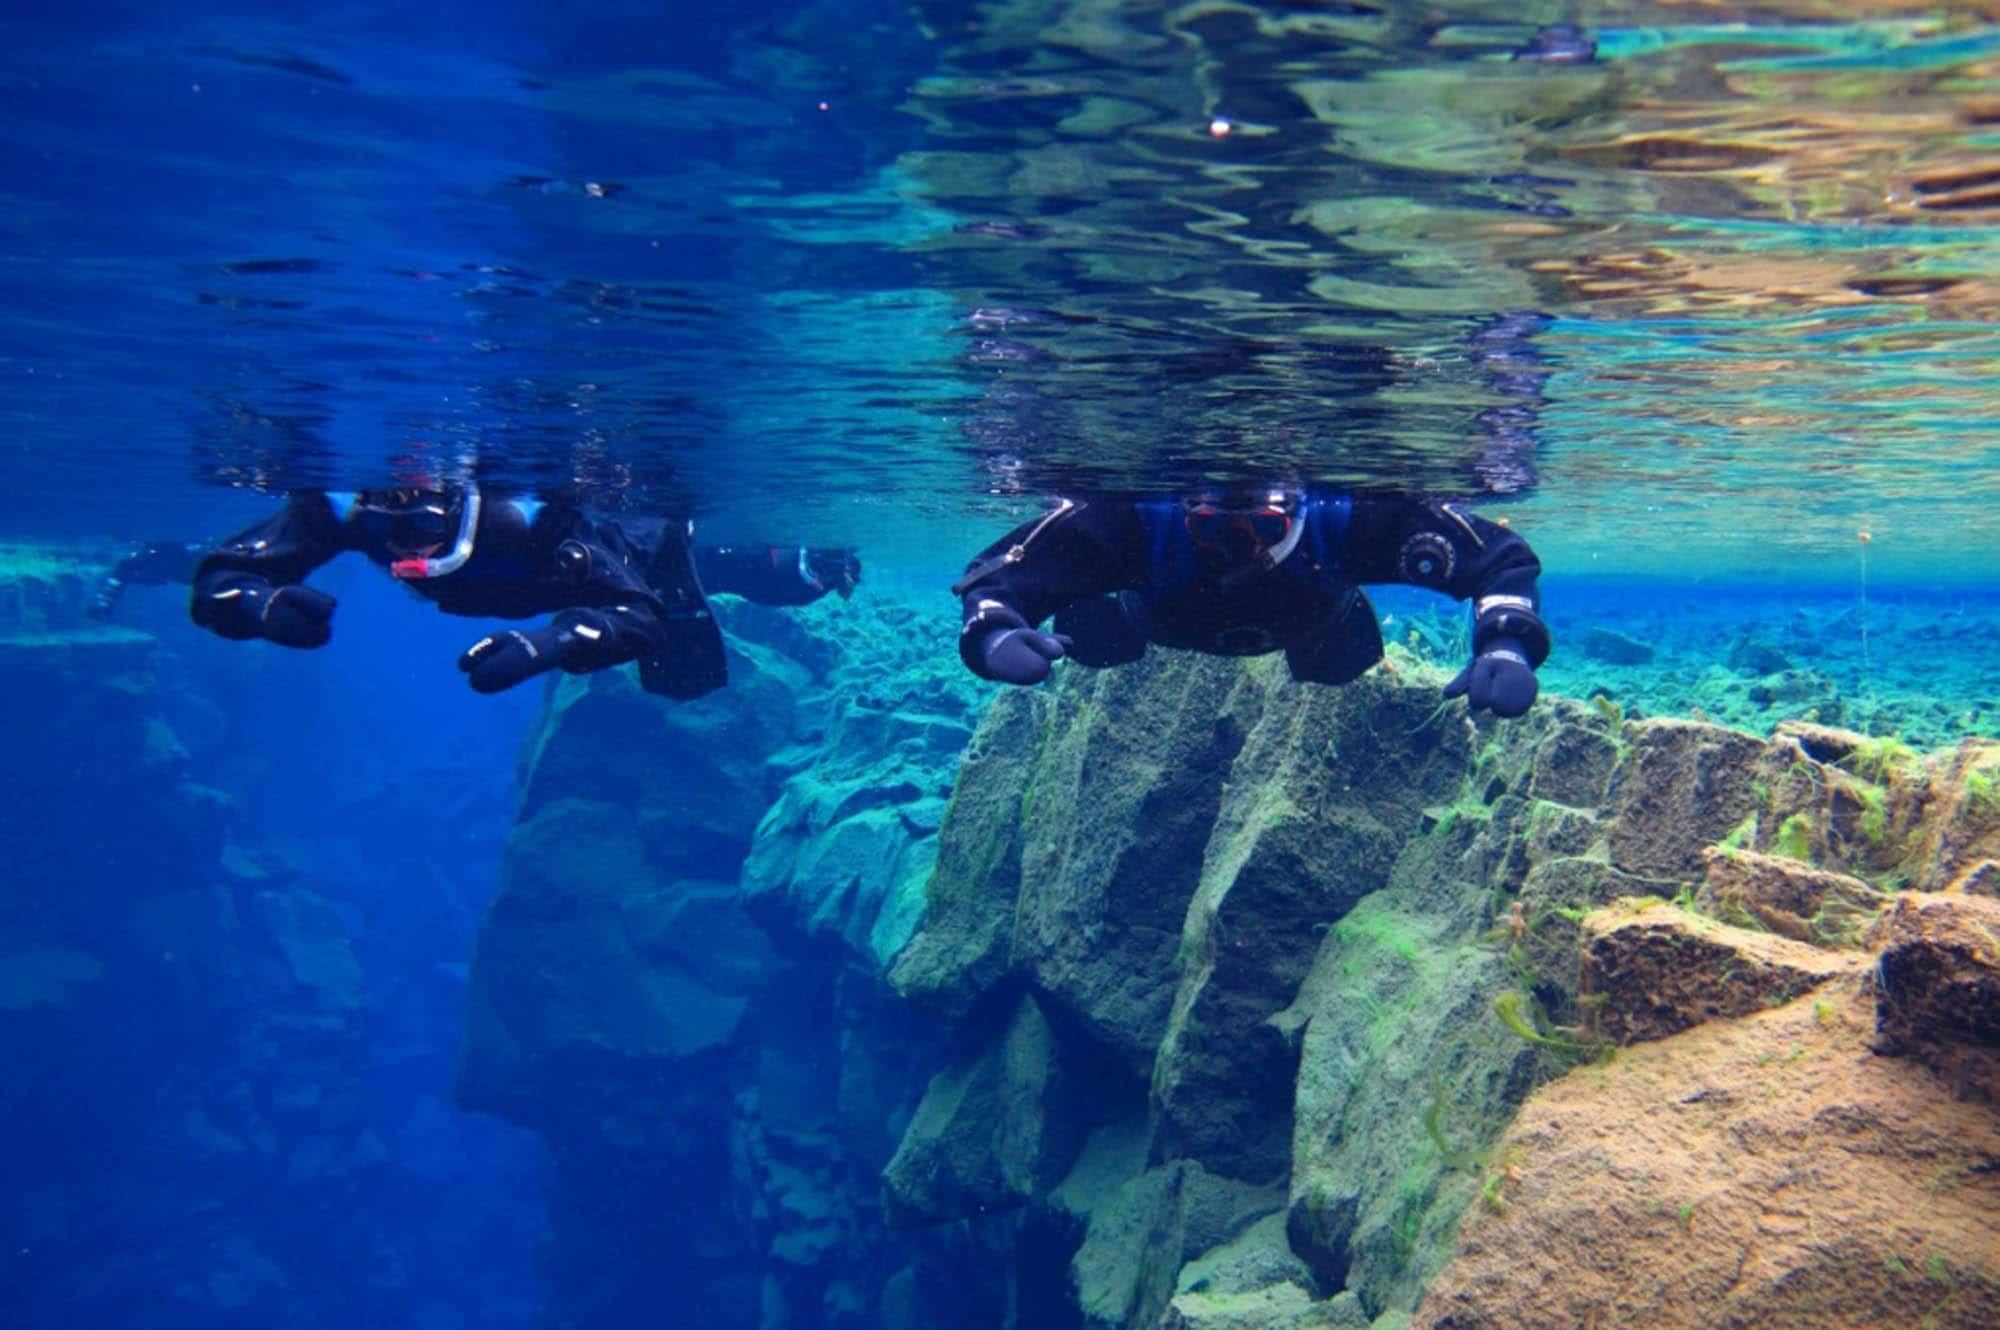 Silfra snorkeling - Iceland snorkeling